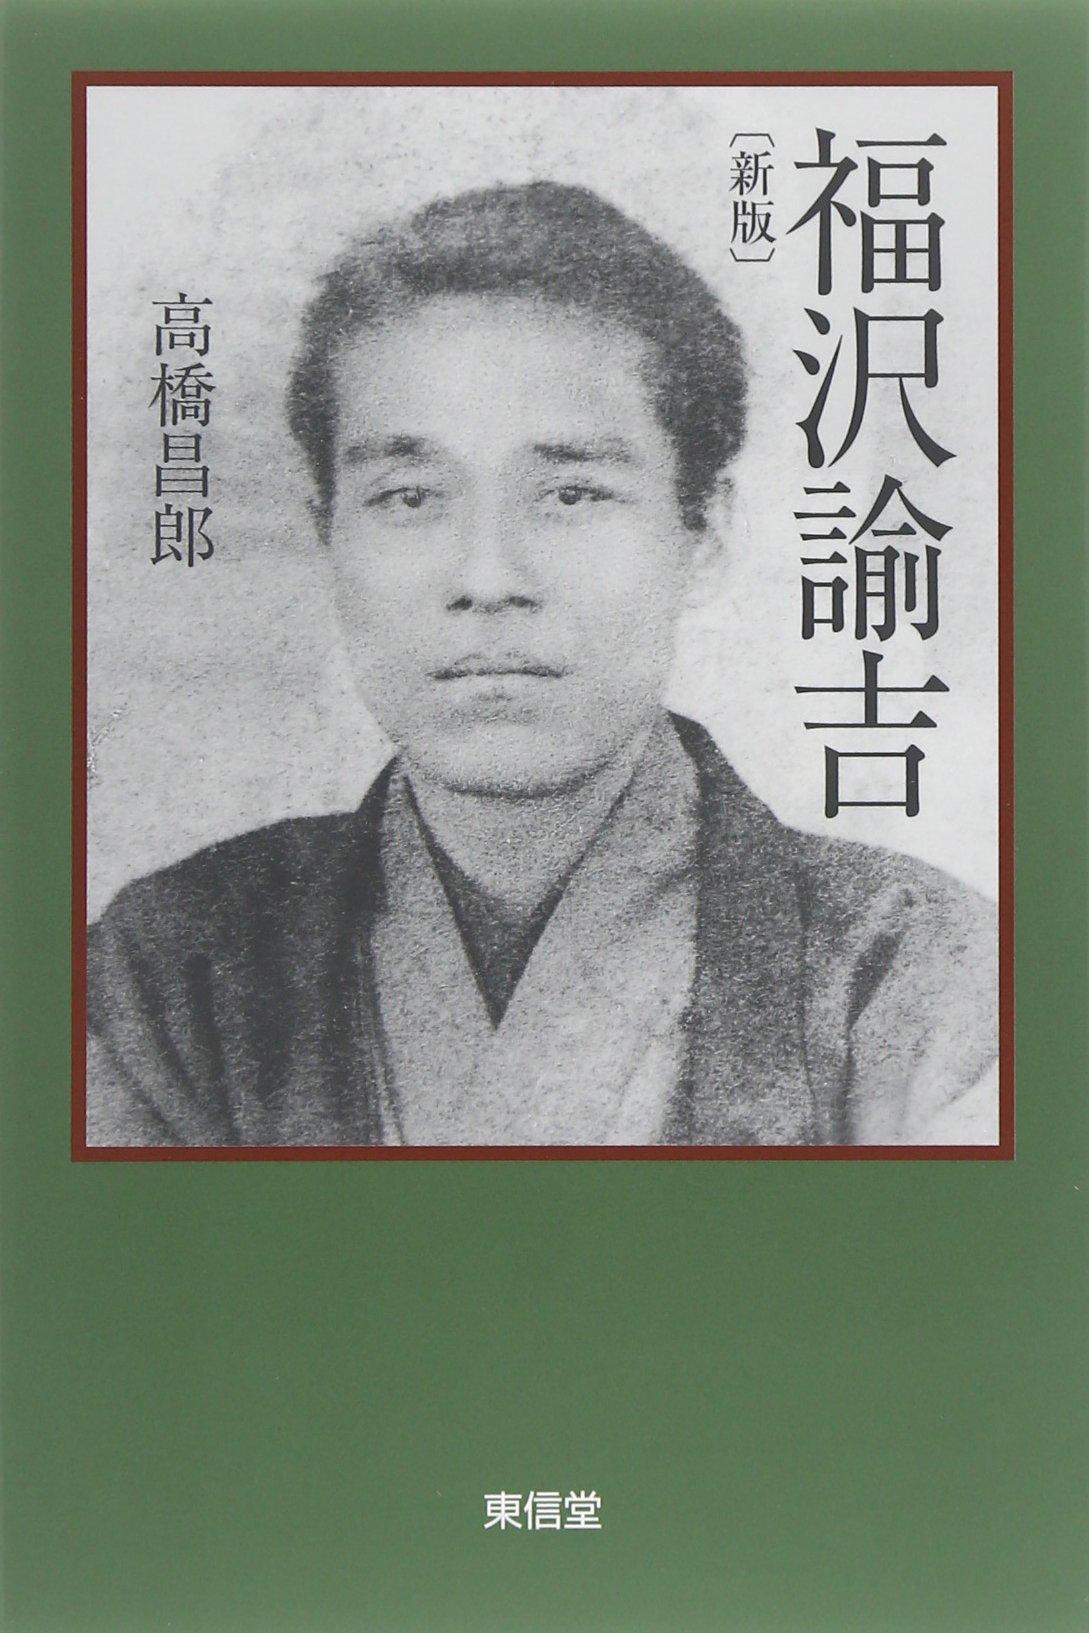 福沢諭吉 | 高橋 昌郎 |本 | 通...